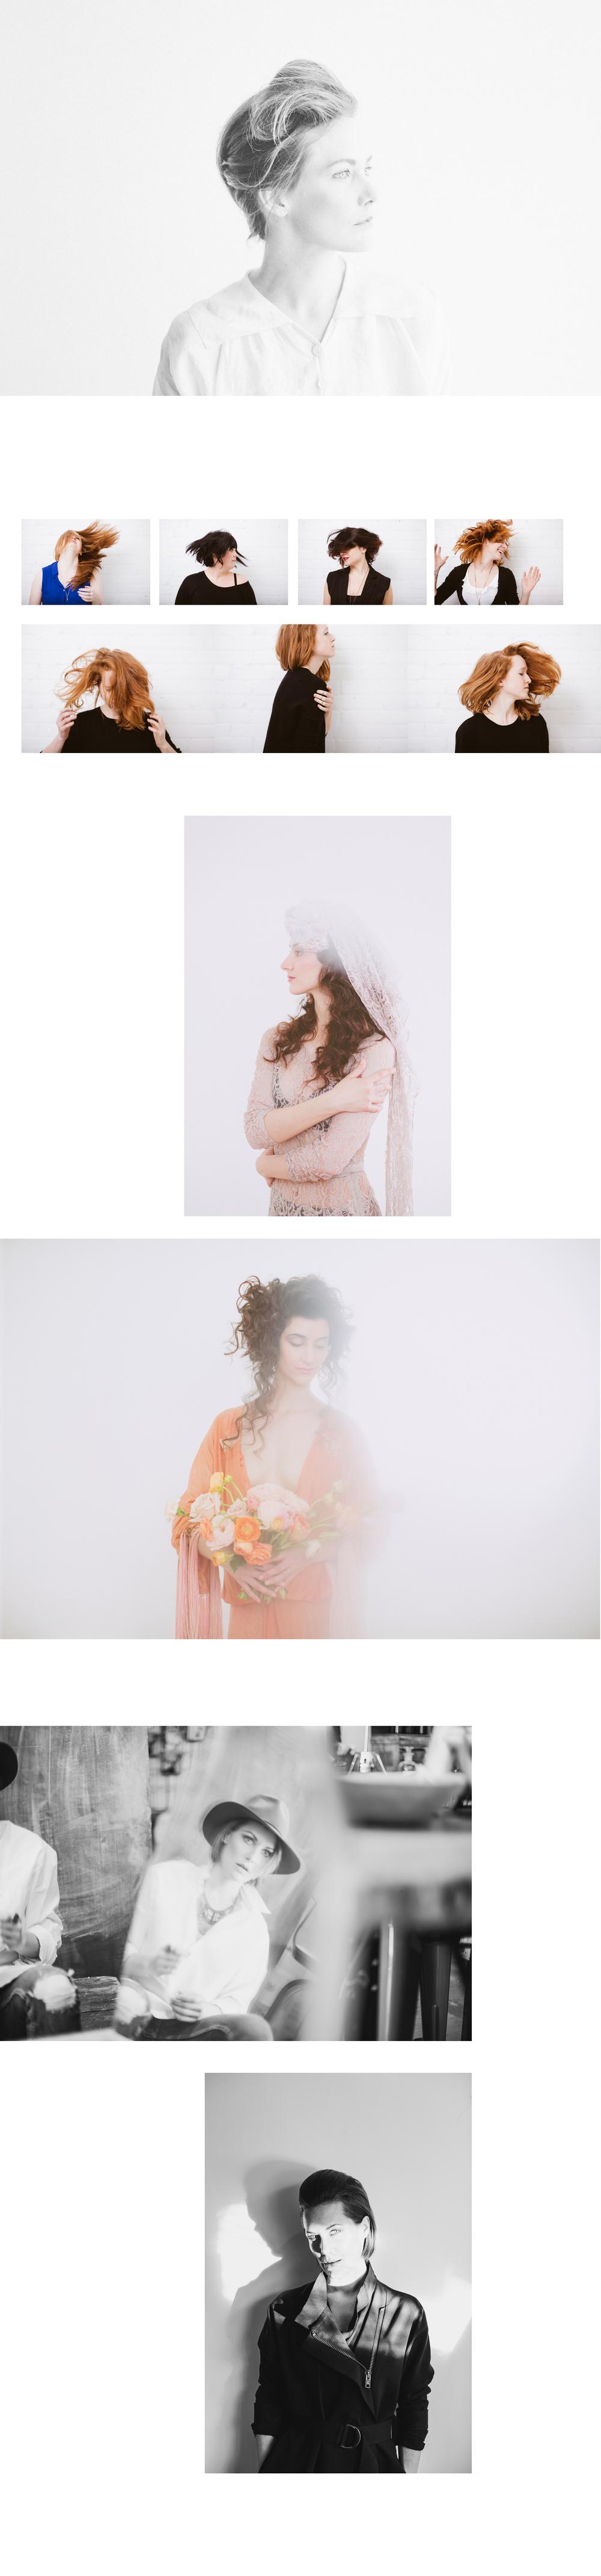 rebeccawood_portraits